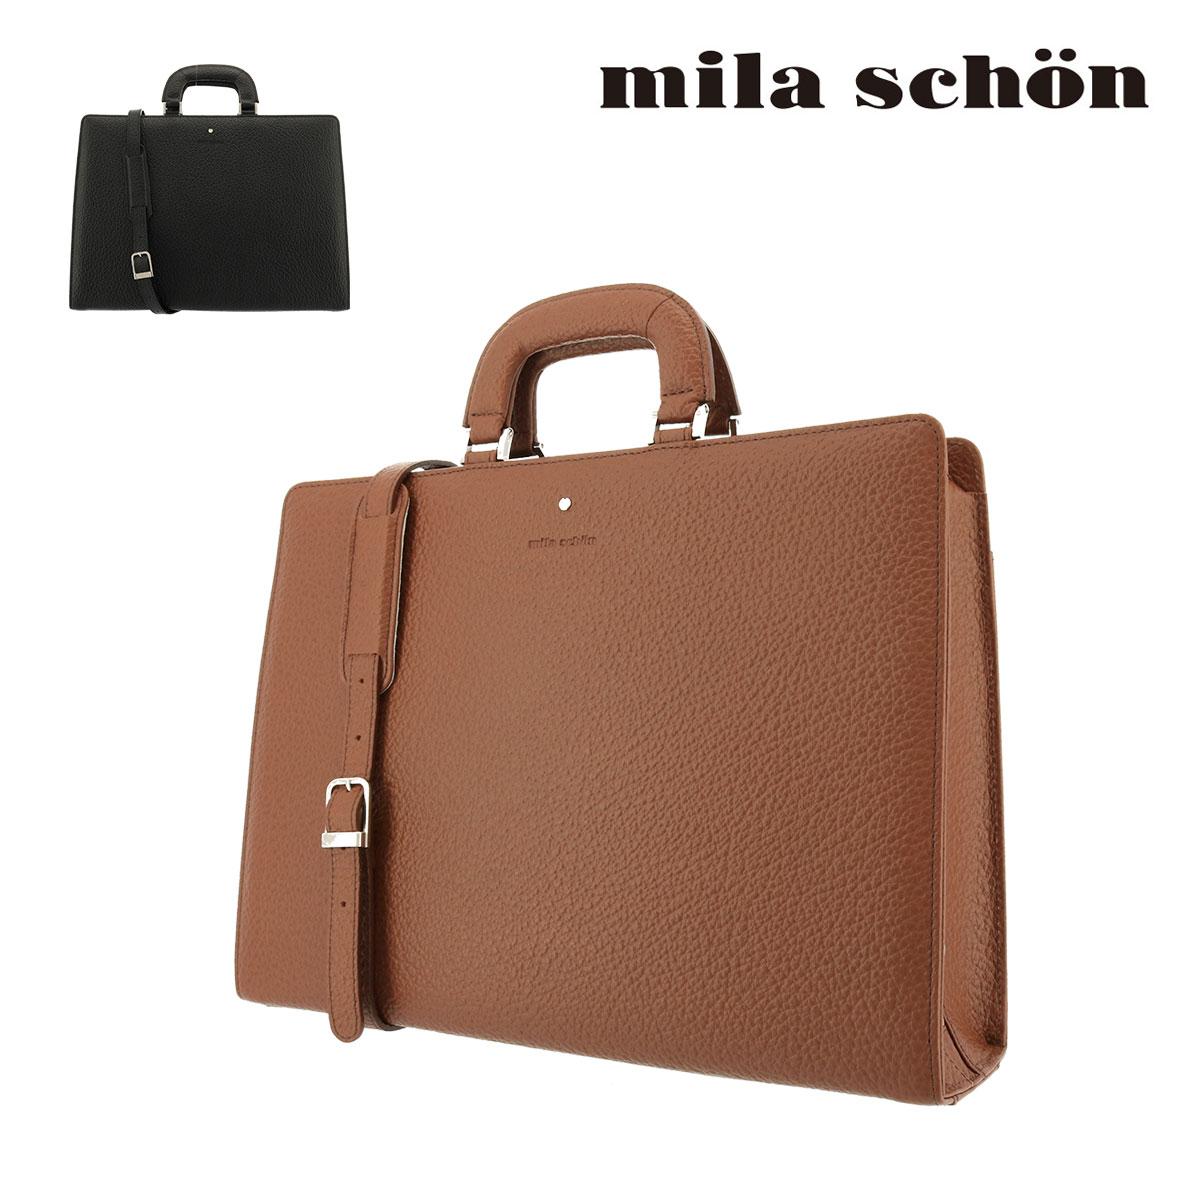 ミラショーン ブリーフケース メンズ ネロ 197517 | Mila Schon ビジネスバッグ 本革 レザー[PO5]